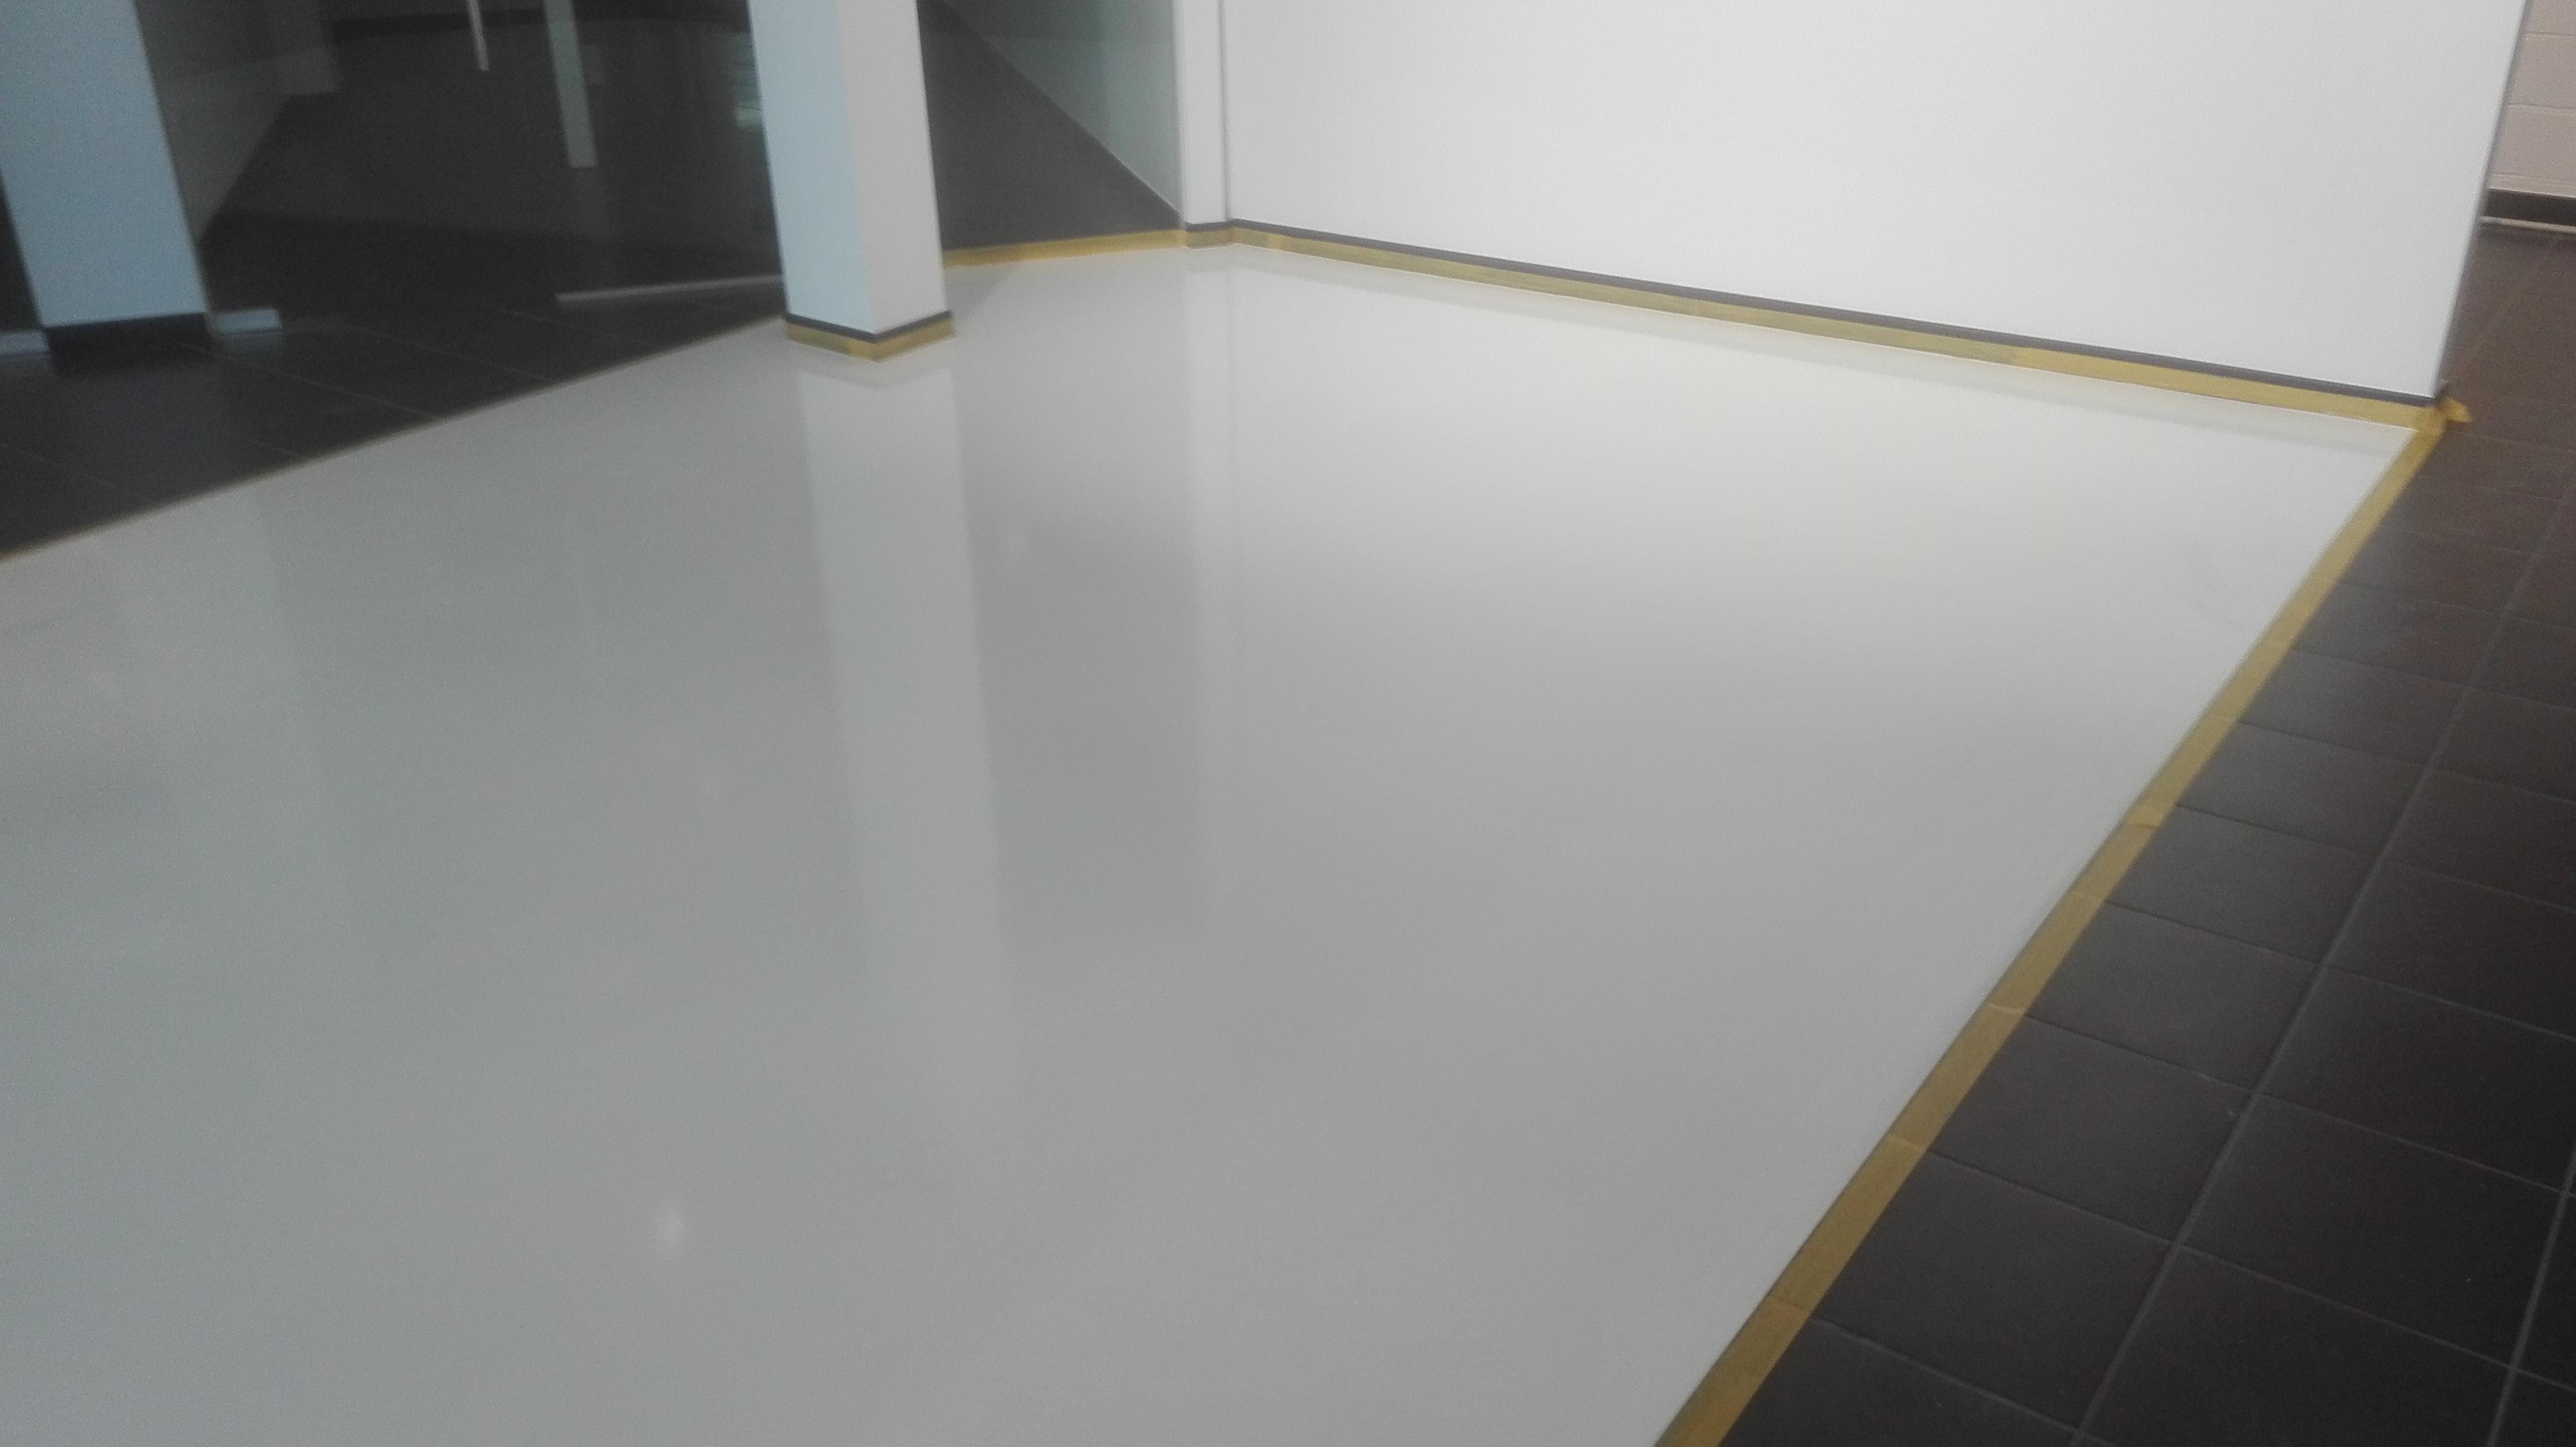 Bioracer Tessenderlo witte Epoxy-Design gietvloer in showroom